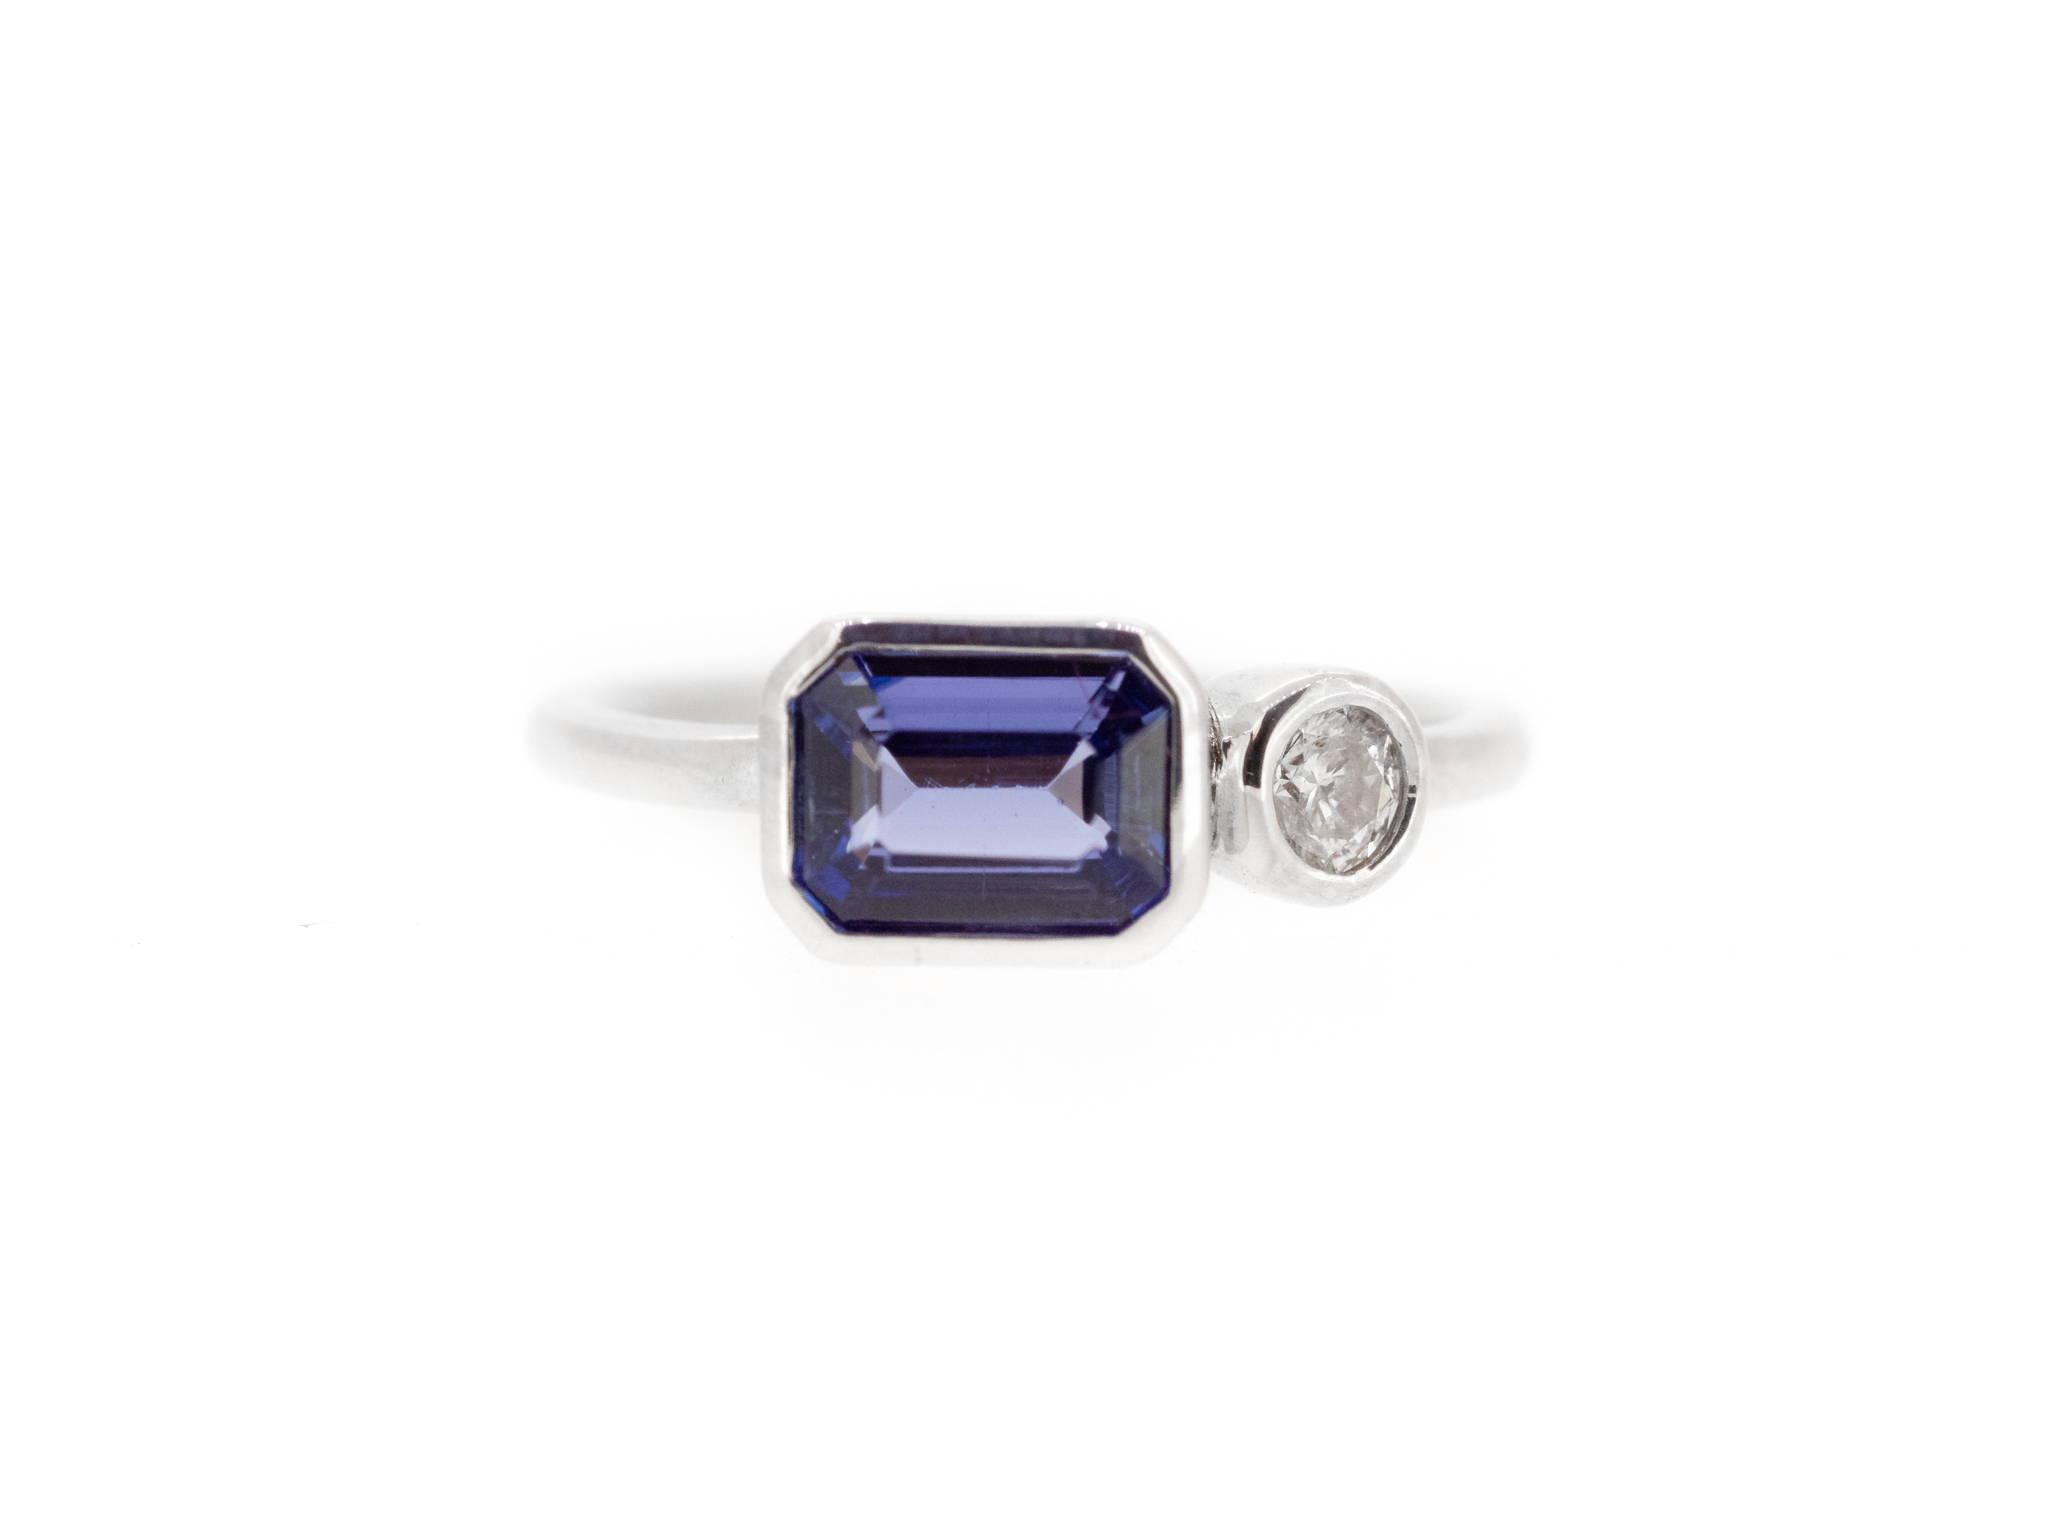 tanzanite and diamond pair ring